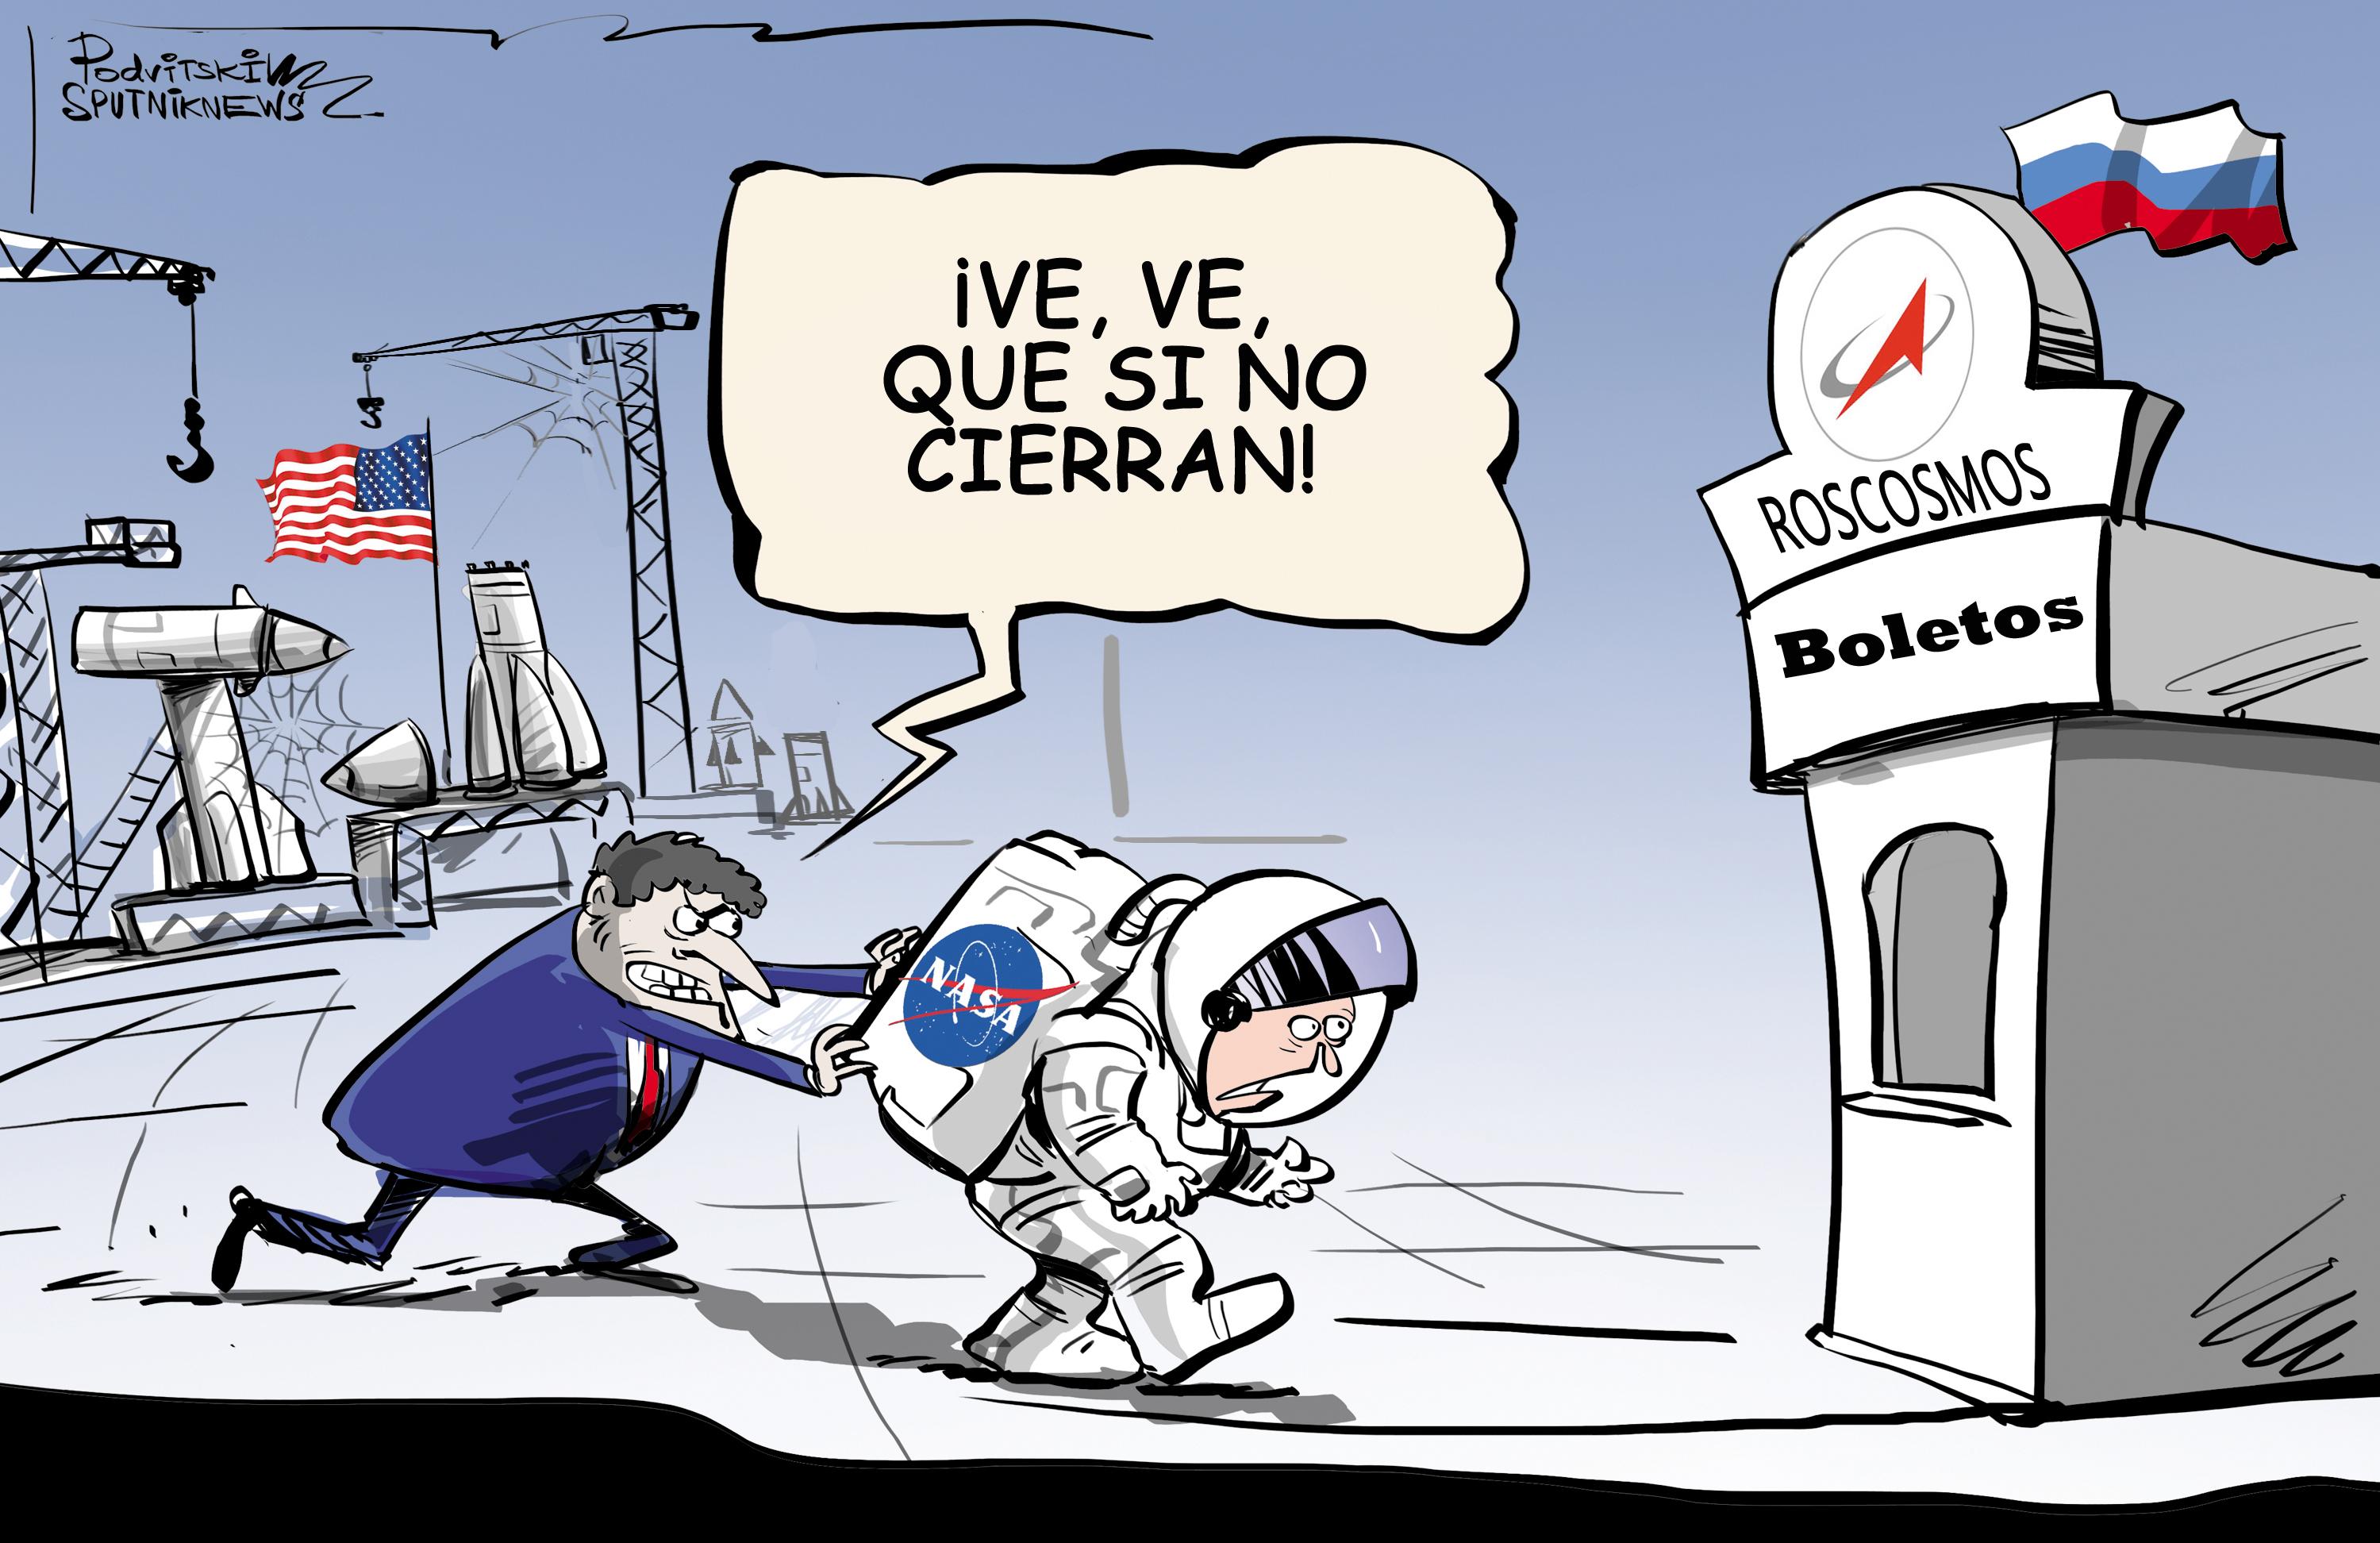 La NASA se pone a la cola para subirse a las naves espaciales rusas